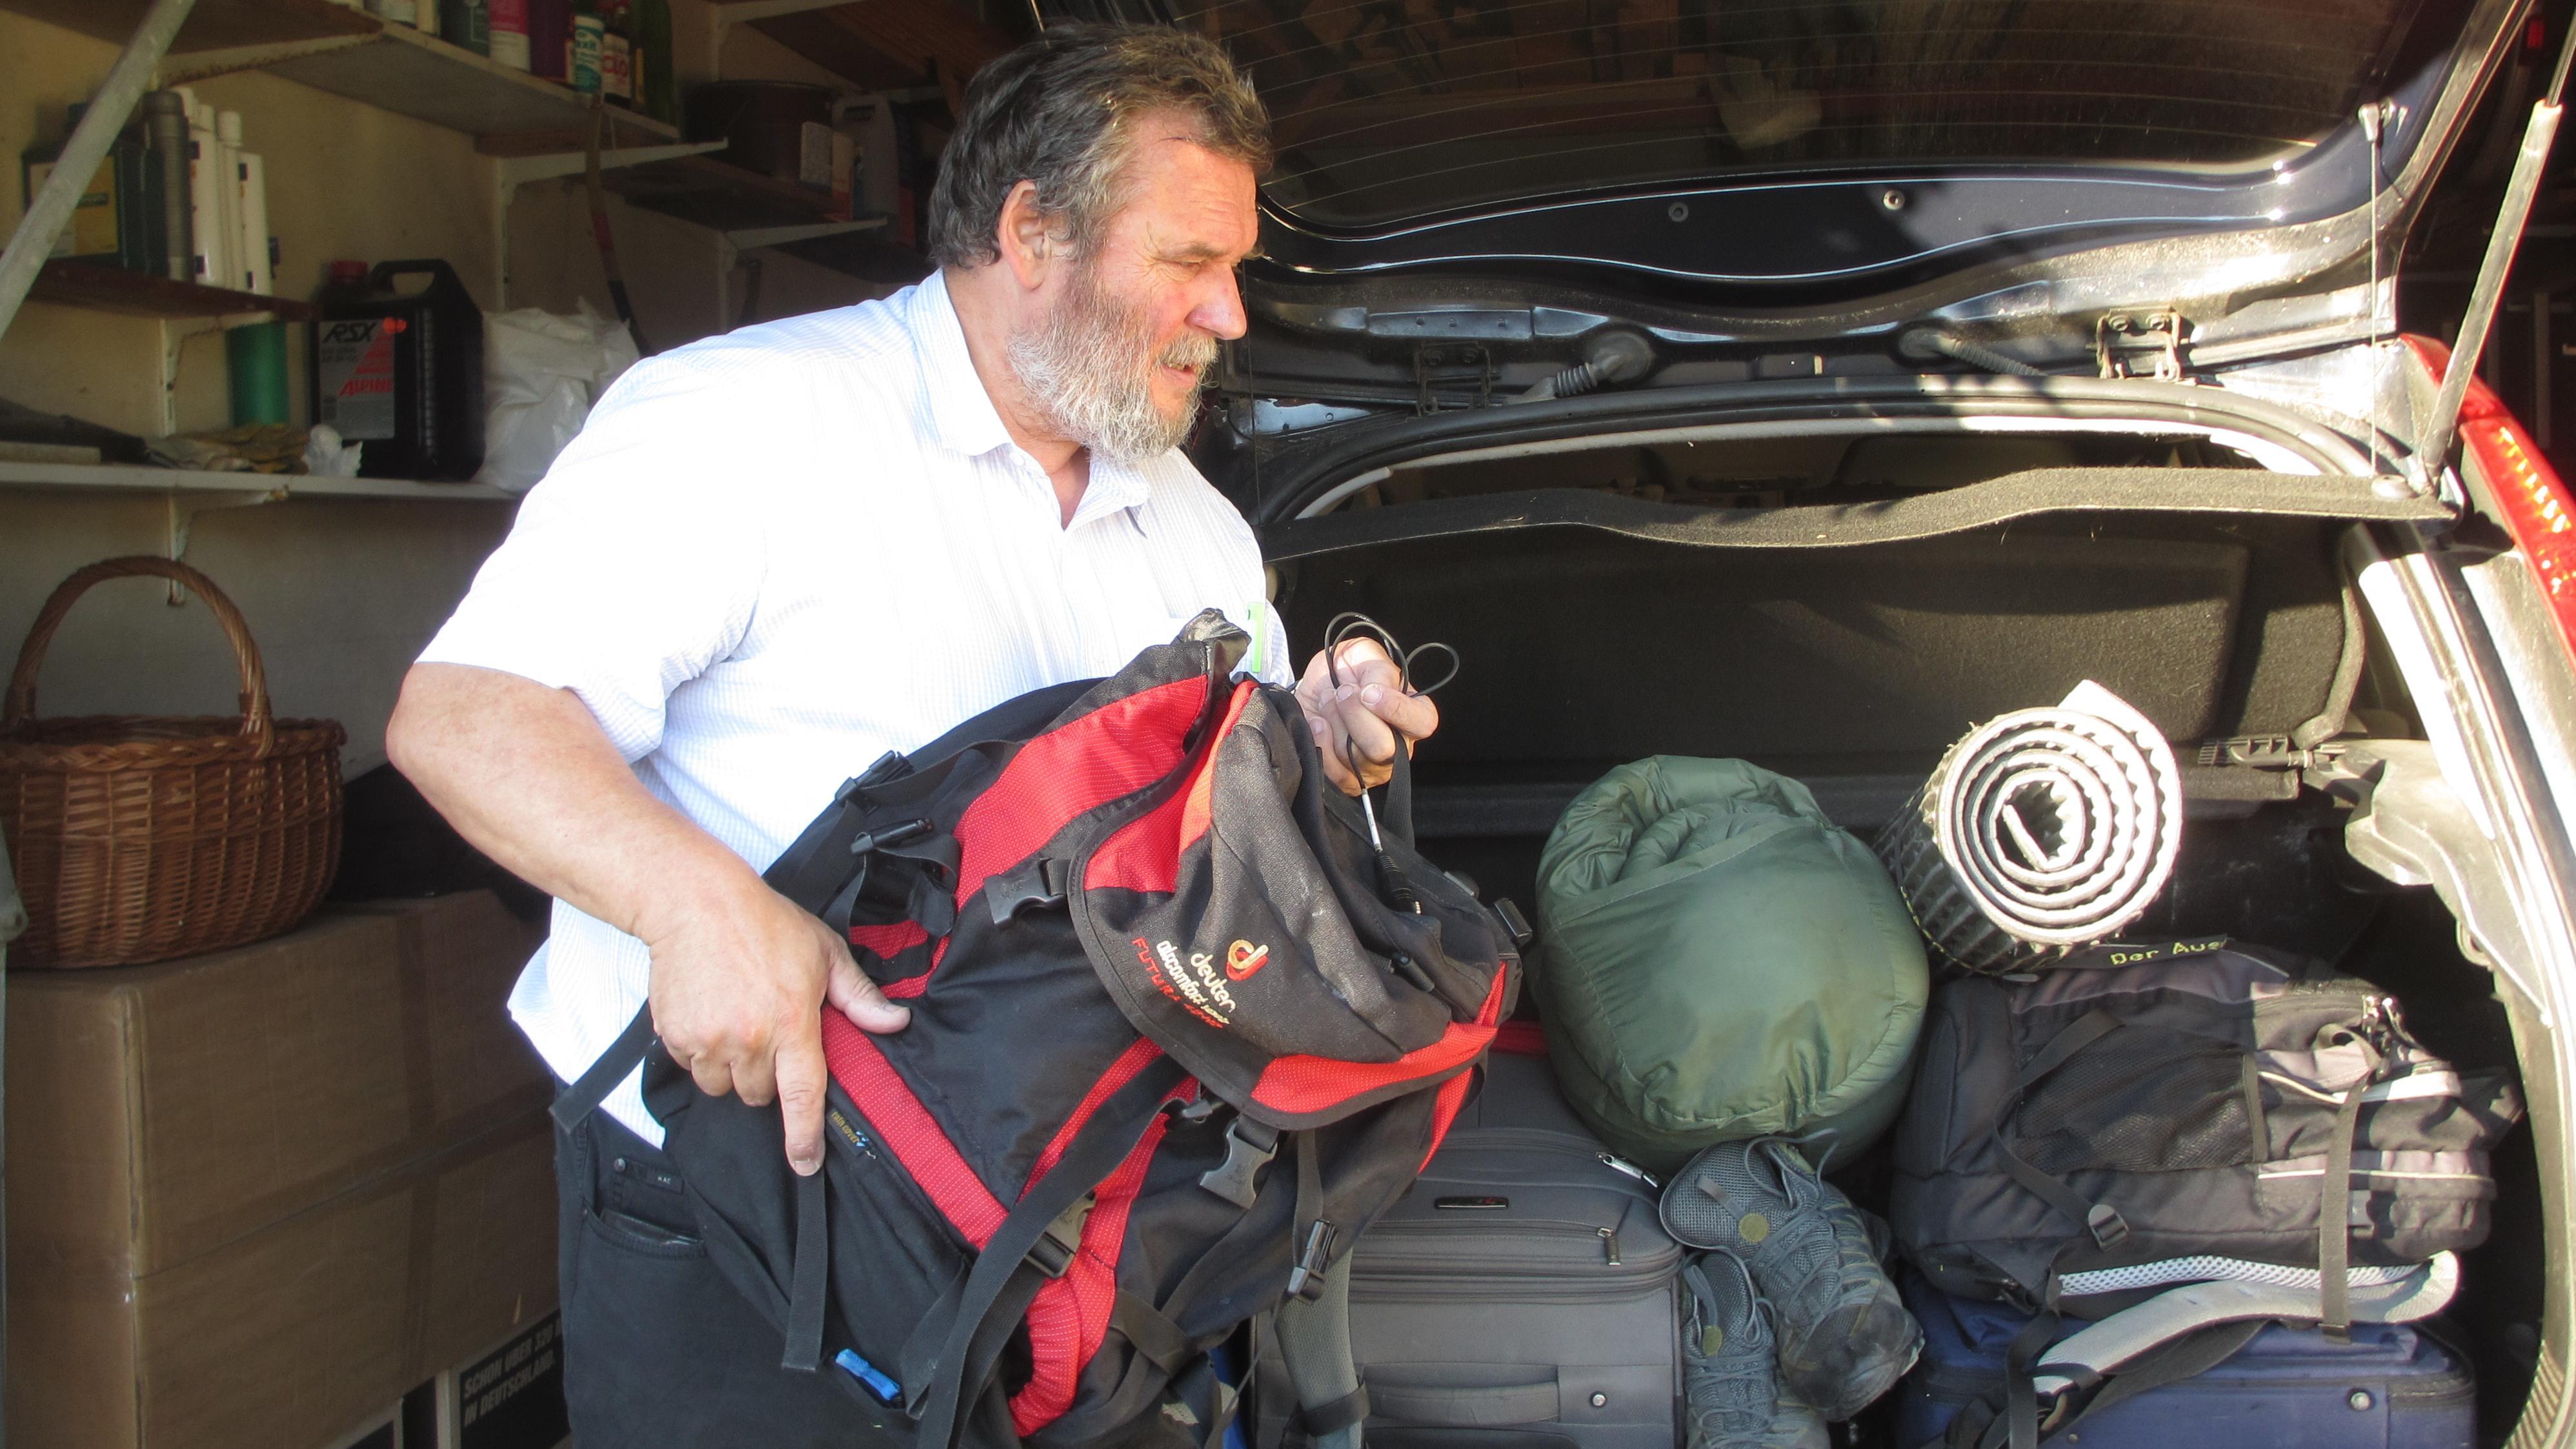 Der Oberpfälzer Schriftsteller belädt den Kofferraum seines Autos. Ein Vierteljahr lang war er in der Mitte und im Osten Europas unterwegs, fuhr tausende von Kilometern.